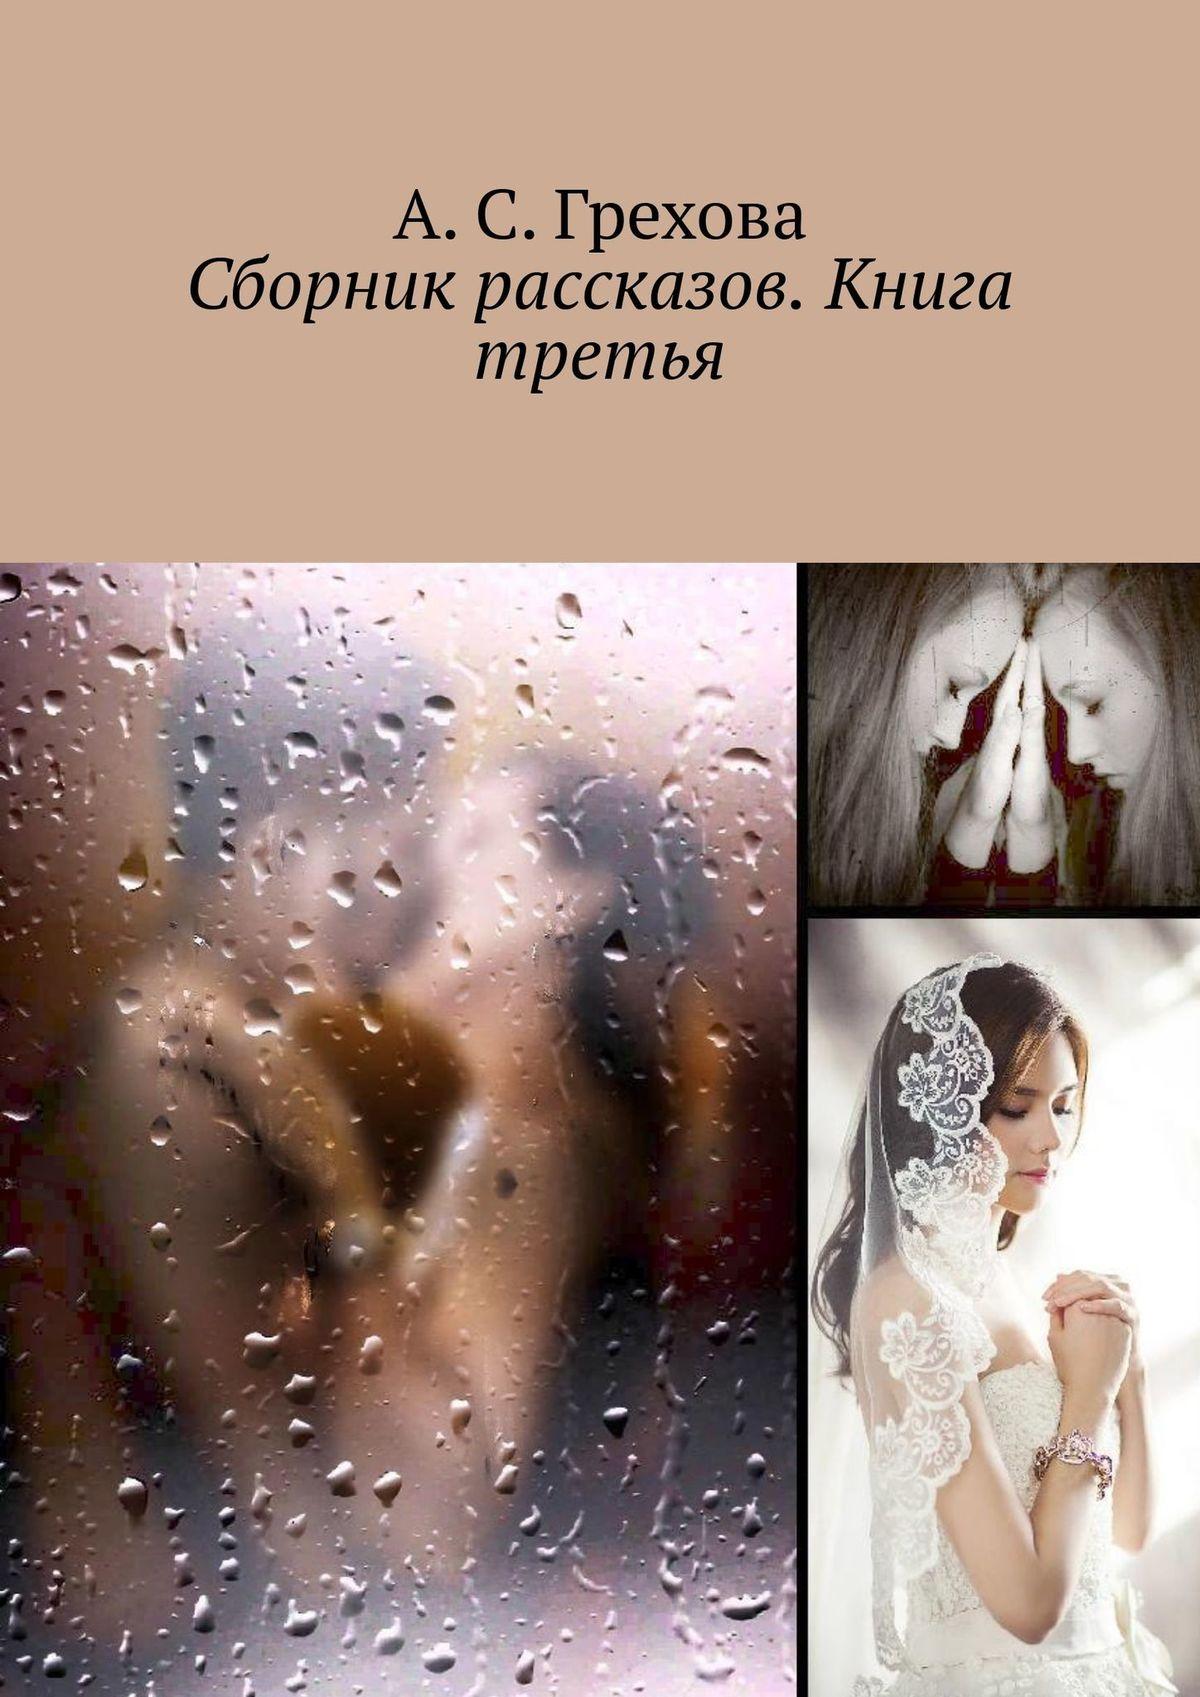 А. С. Грехова Такая разная любовь. Книга третья. Сборник небольших произведений